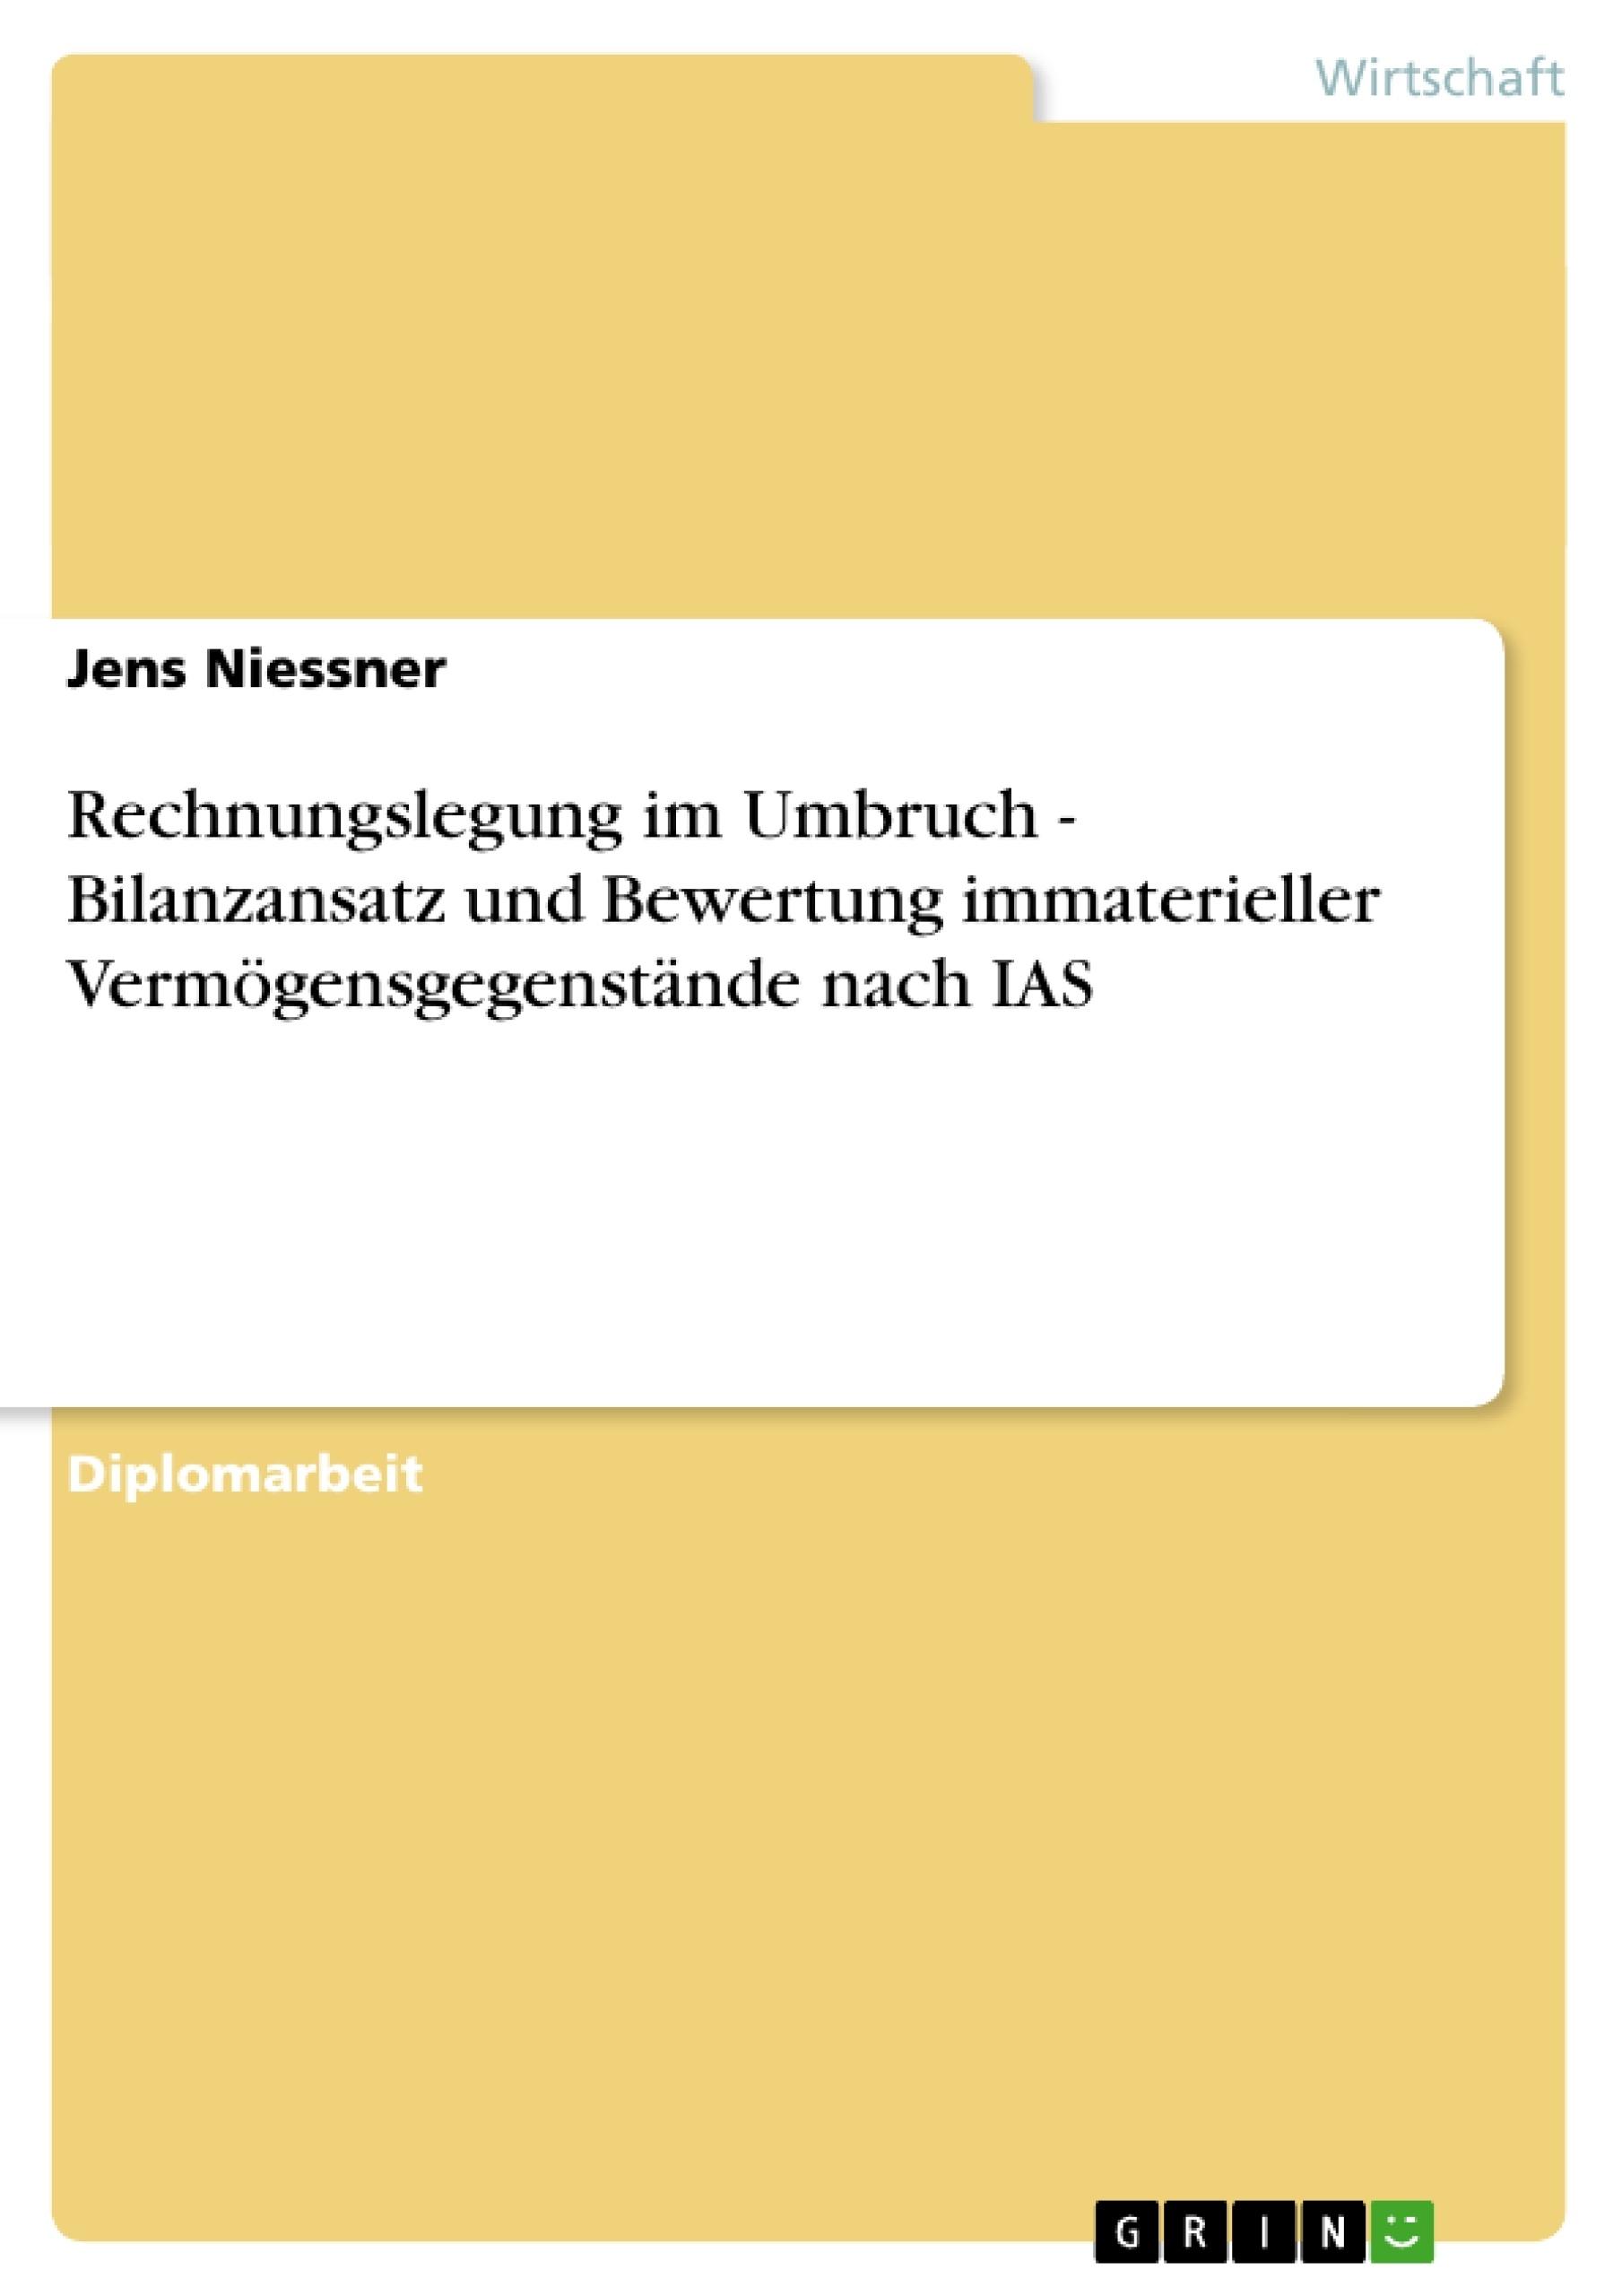 Titel: Rechnungslegung im Umbruch - Bilanzansatz und Bewertung immaterieller Vermögensgegenstände nach IAS